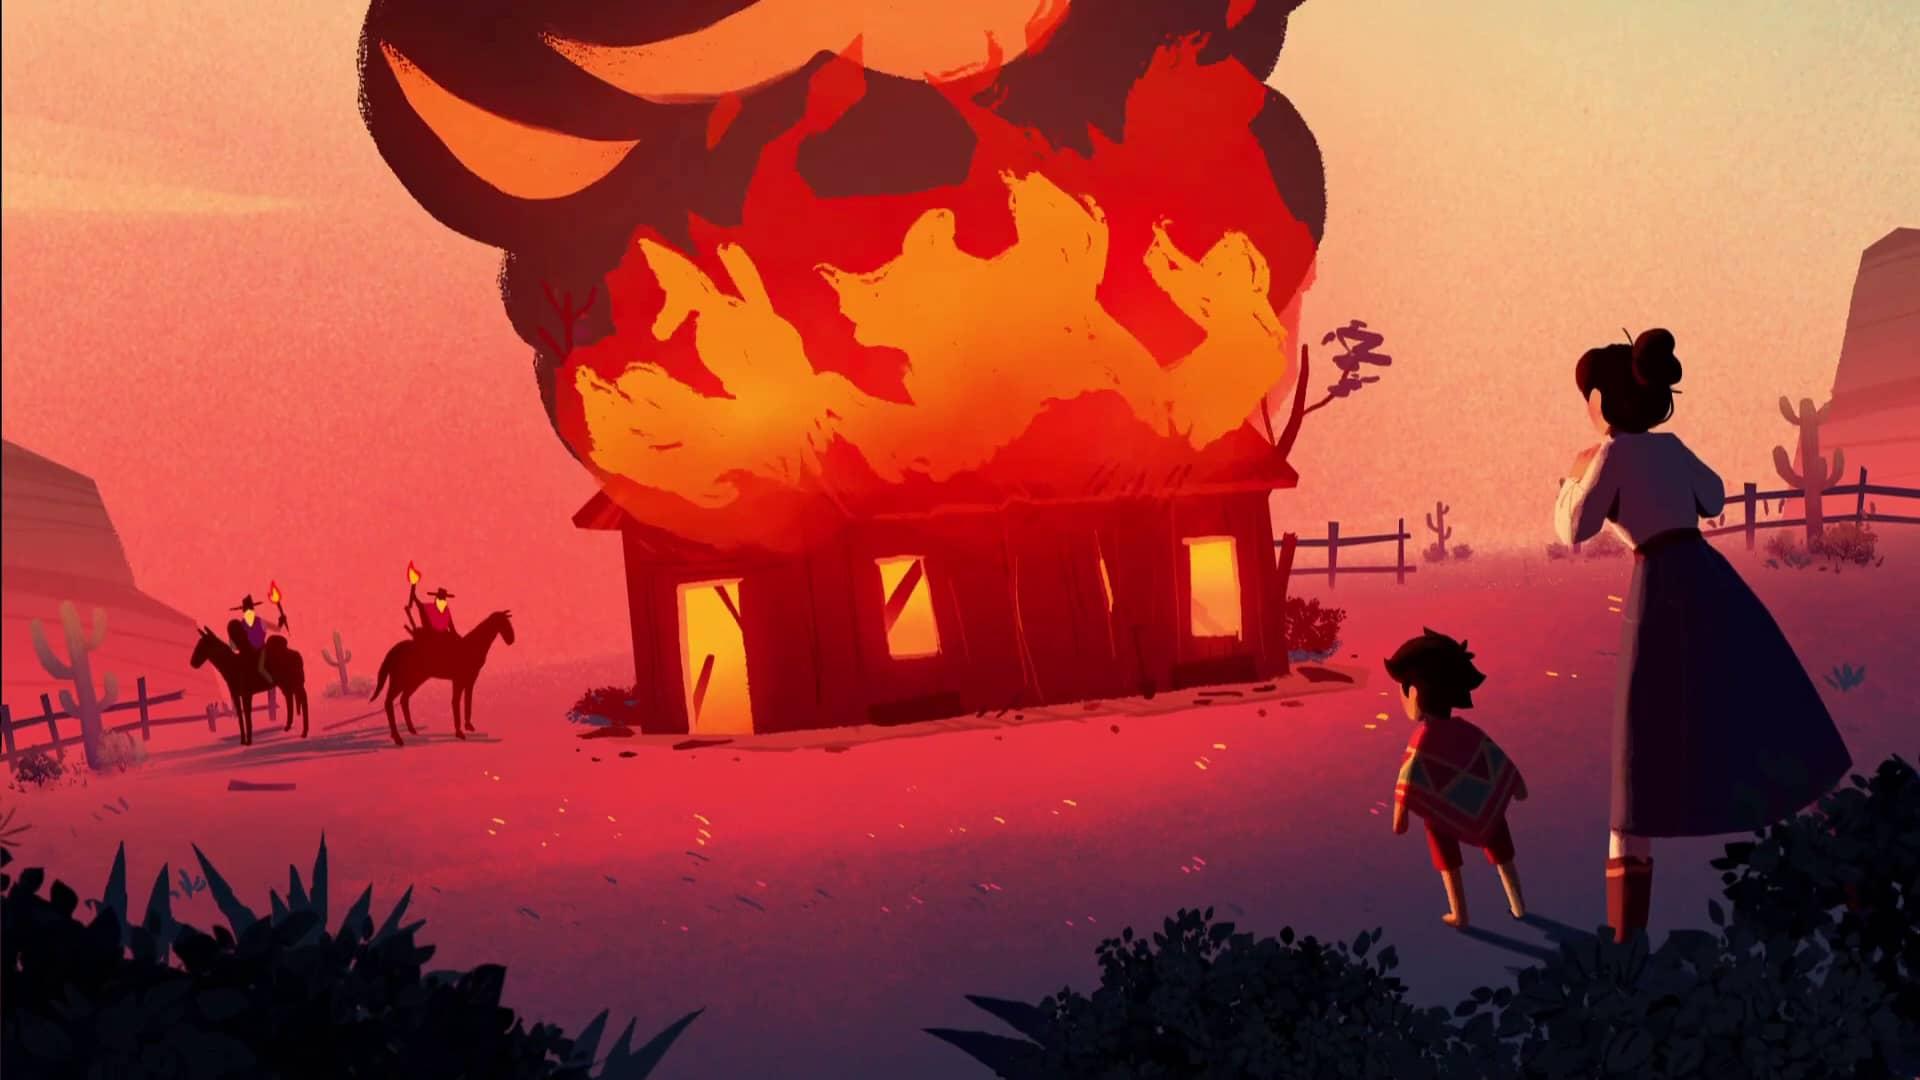 El Hijo - A Wild West Tale out next week